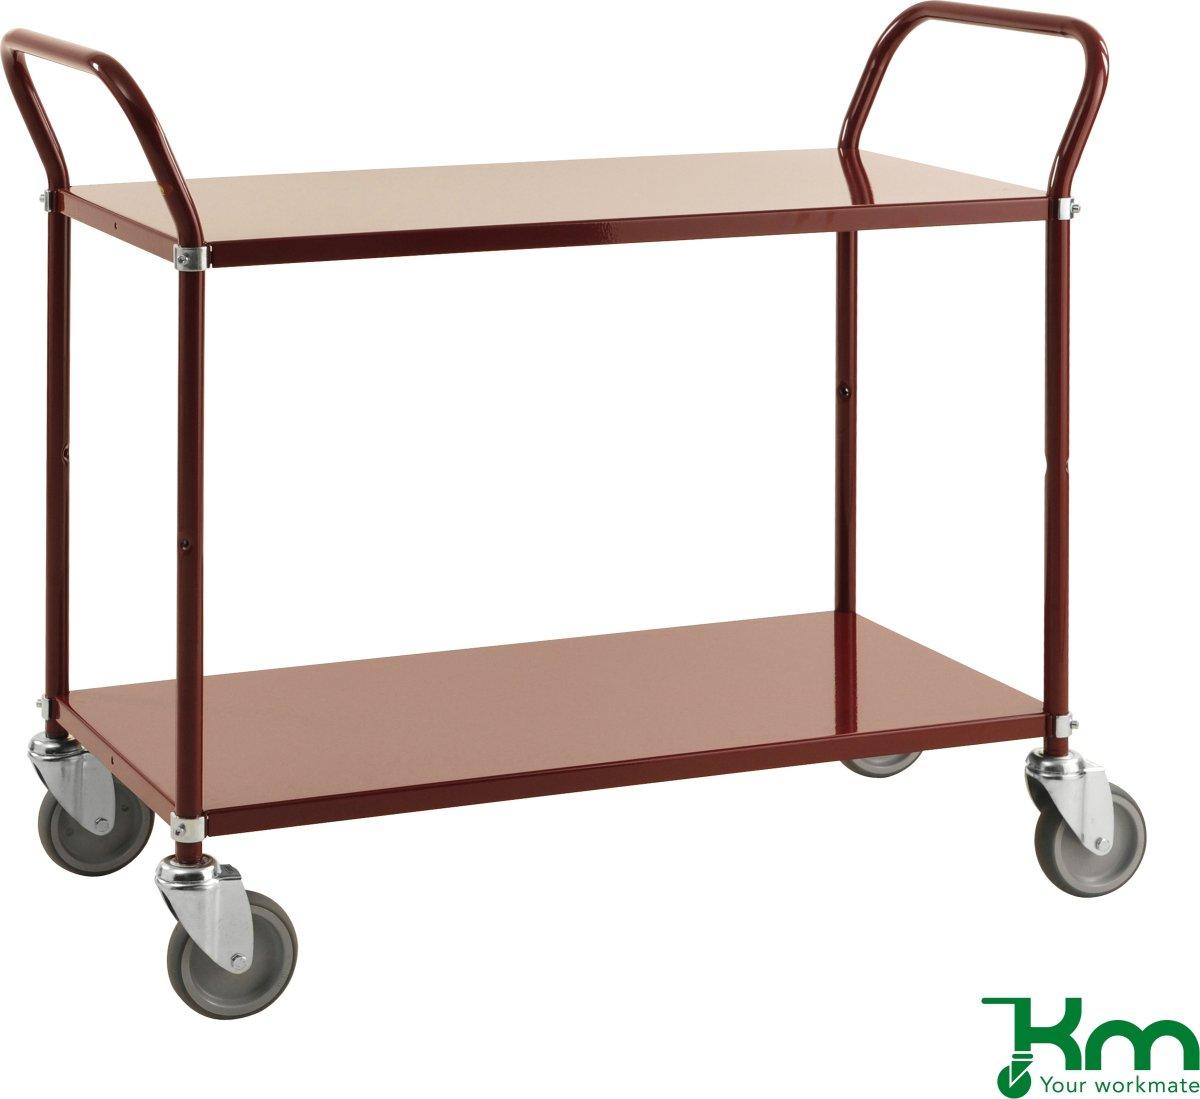 Rullebord 2 hylder, 1070x450x940, 250 kg, Vinrød